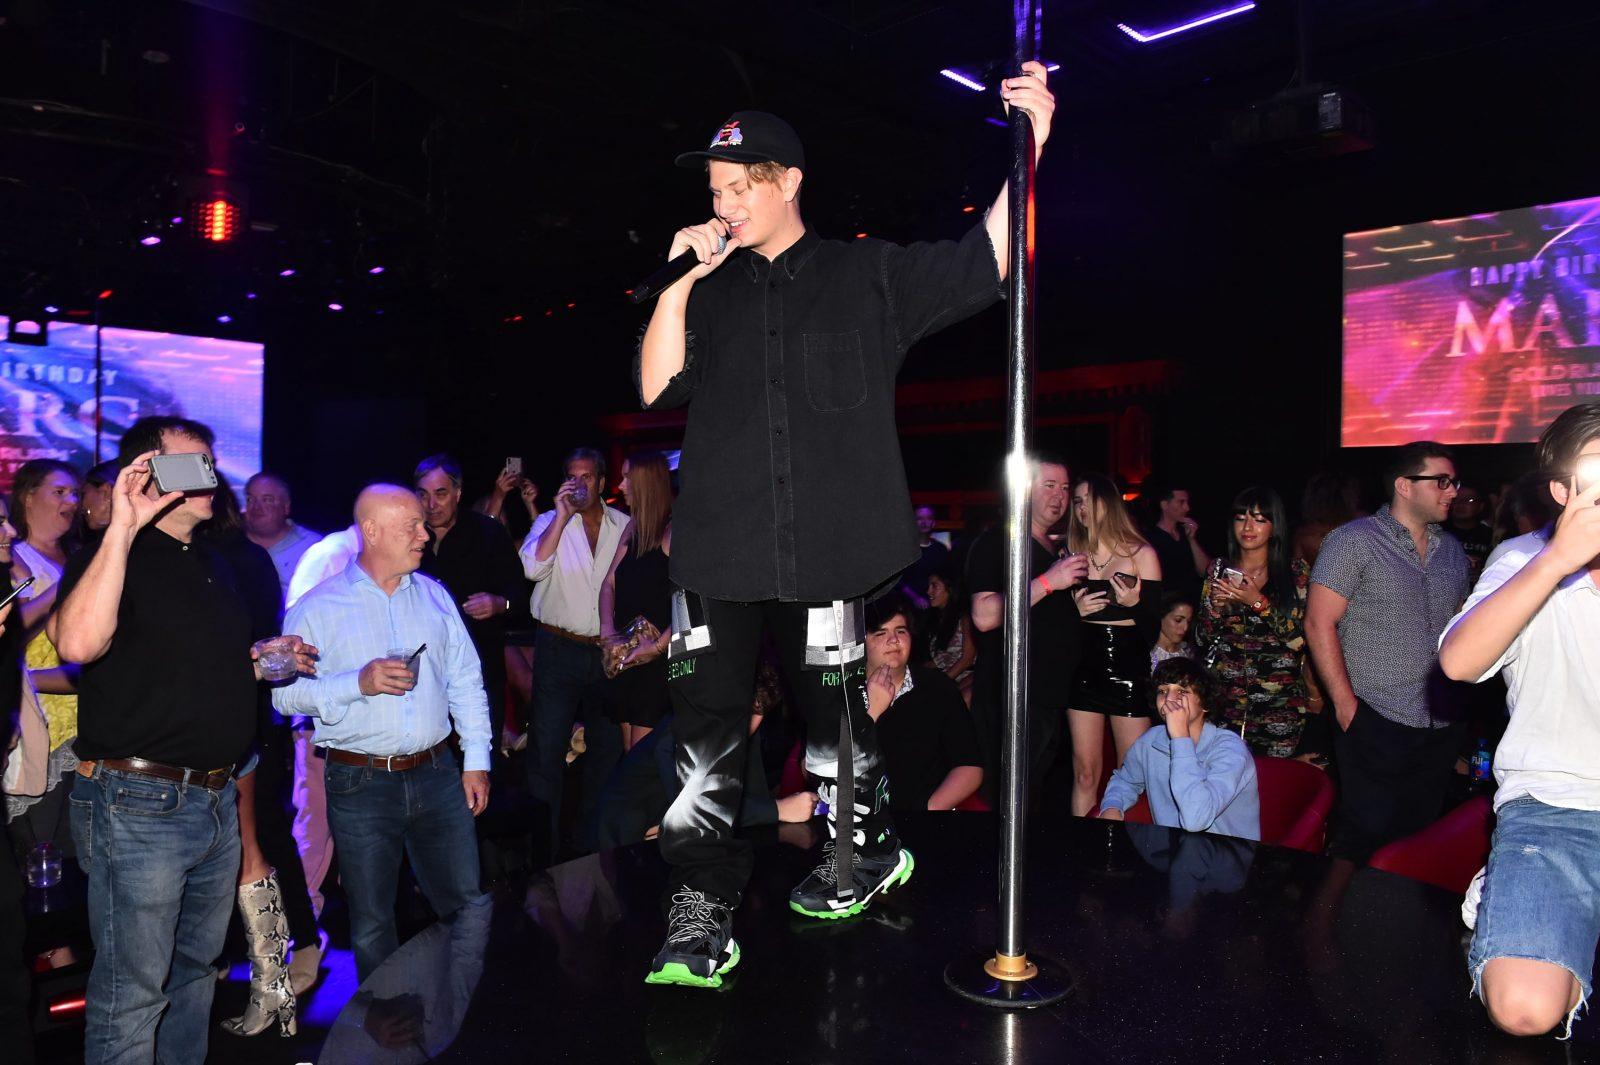 Justin Roberts performs at Marc Roberts birthday